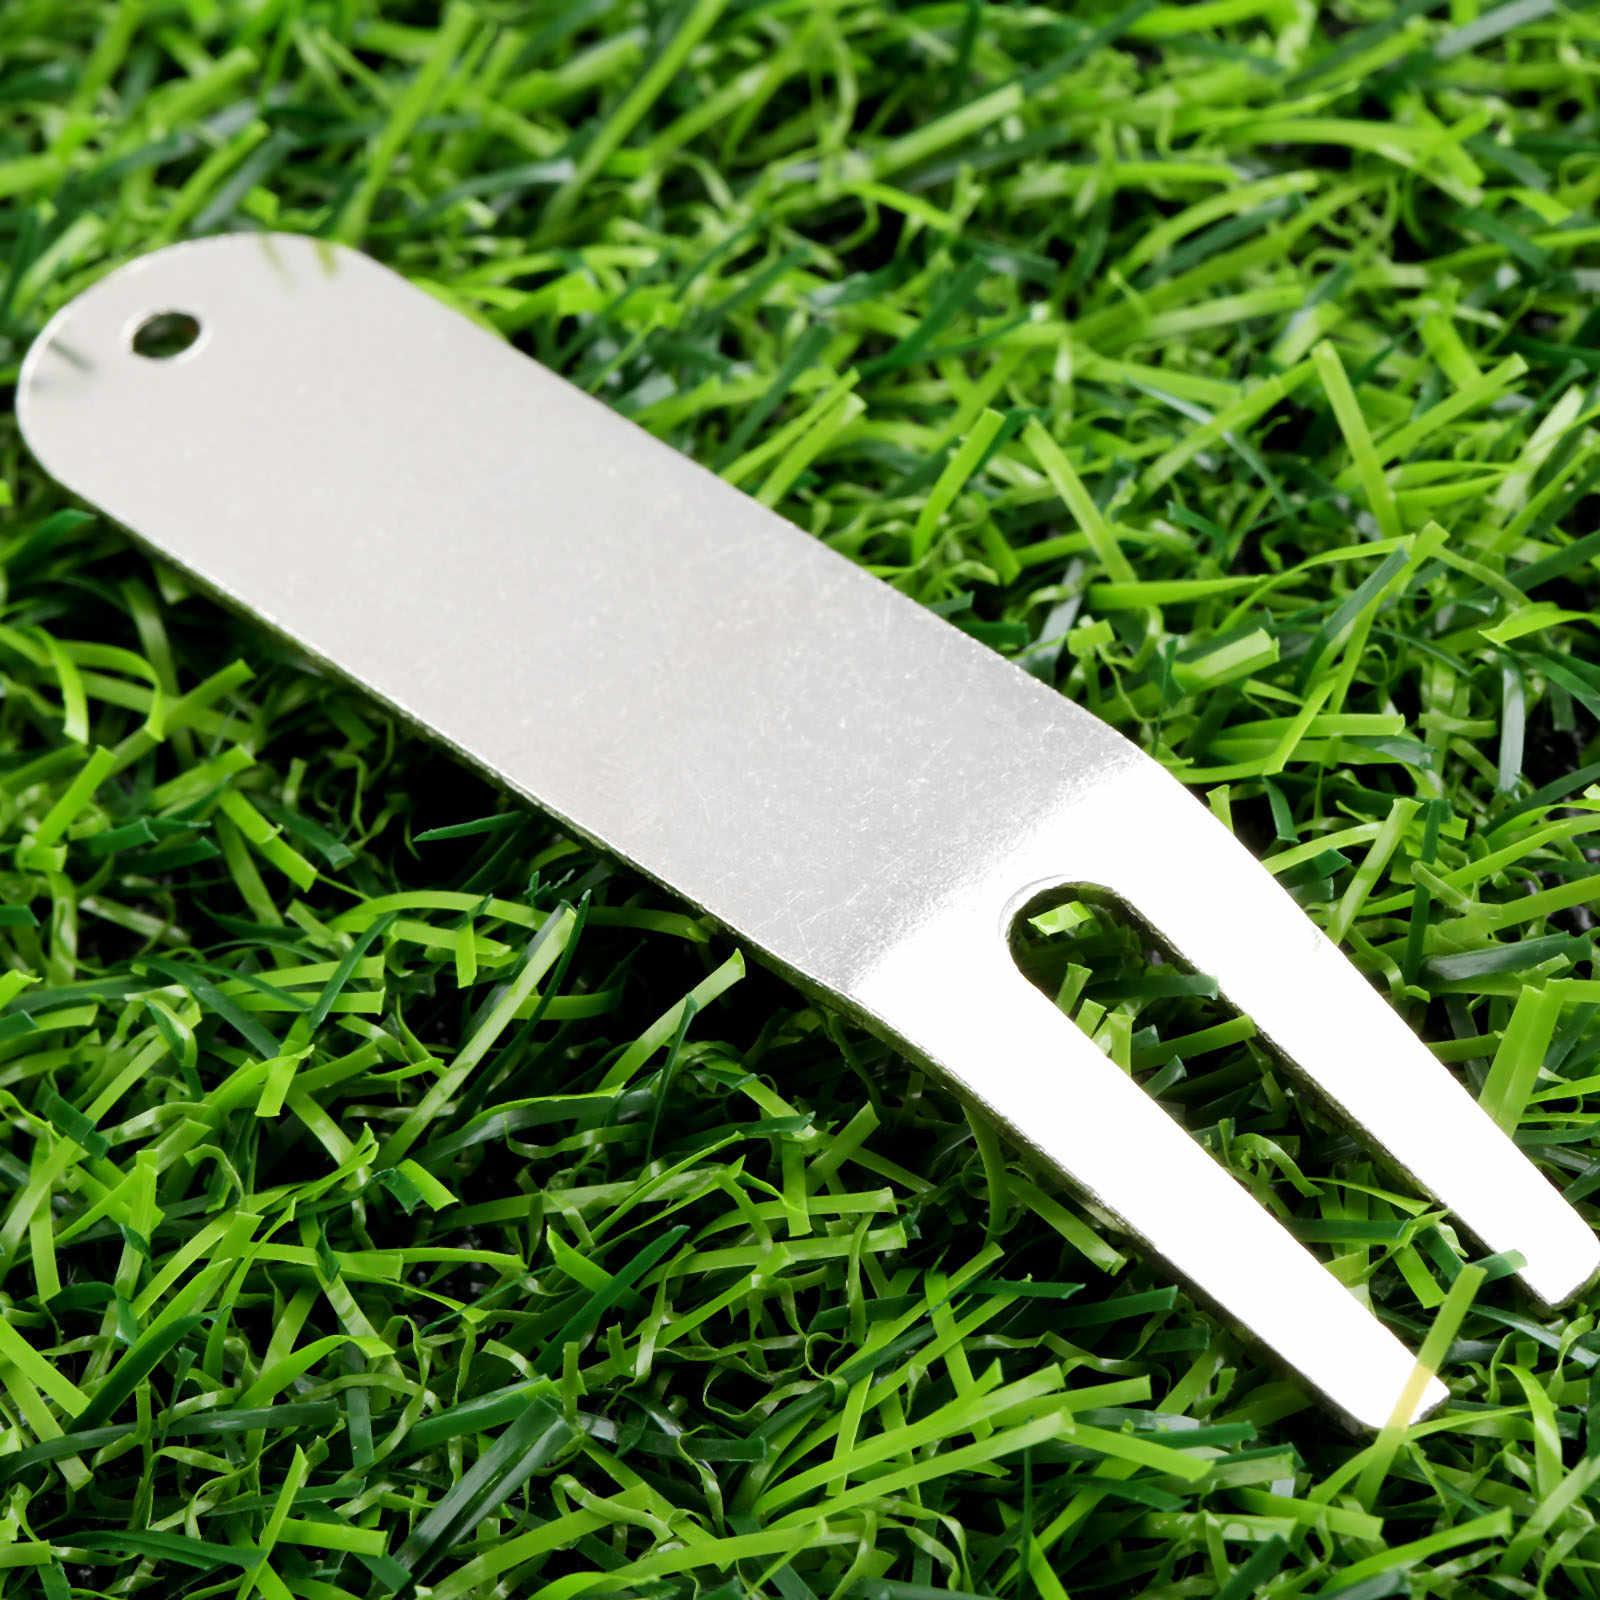 2 Chiếc Hợp Kim Kẽm Golf Sửa Chữa Divot Dụng Cụ Rãnh Bụi Sân Cột Mốc Golf Đưa Xanh Dĩa Pitchfork Switchblade Nhẹ